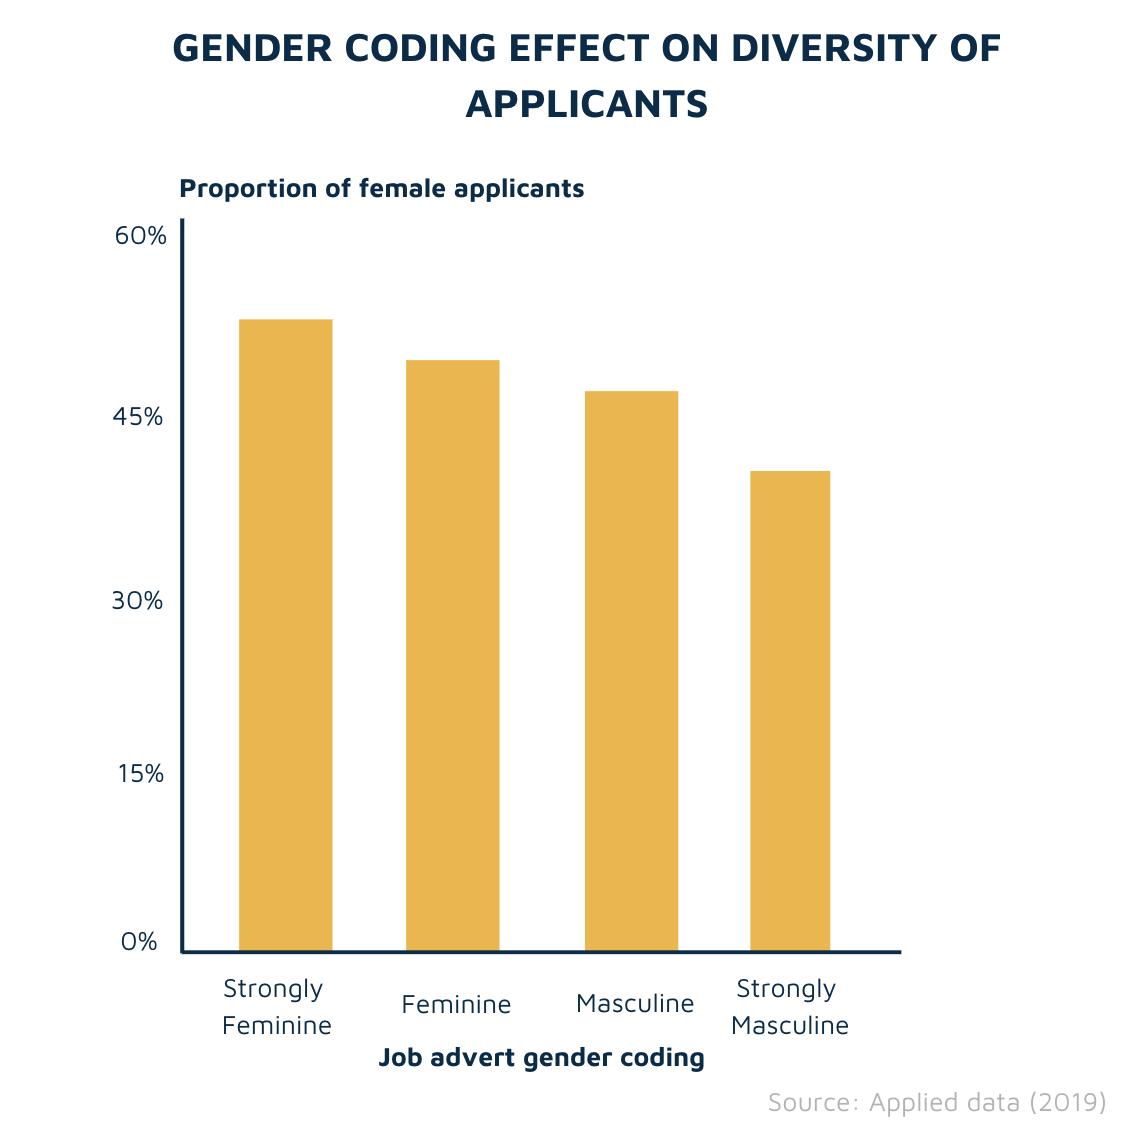 Job ad gender coding vs diversity of applicants